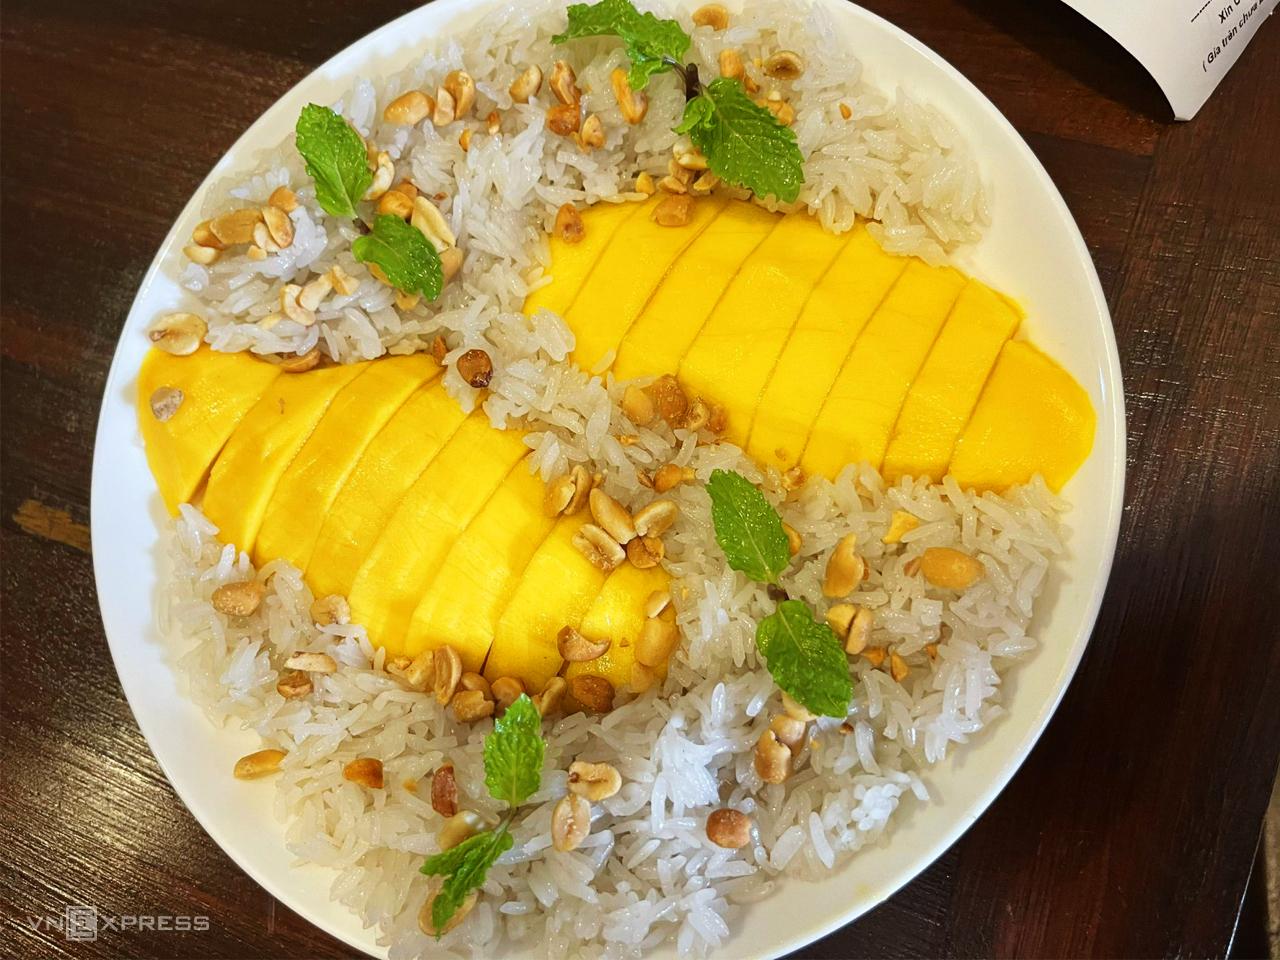 Xôi xoài Thái Lan có thành phần gồm gạo nếp, xoài tươi và nước cốt dừa. Đây là món ăn truyền thống của người Thái, sử dụng giống xoài Thanh Ca, với thịt quả vàng tươi, thơm ngon, chắc mịn và ít xơ. Xôi được hấp cùng hỗn hợp nước cốt dừa và lá dứa tạo ra hương vị béo ngọt, có mùi thơm nhẹ. Đặc biệt, xôi xoài Thái Lan không ăn với đậu phộng mà ăn cùng đậu xanh rang lên, rắc trên bề mặt, ăn kết hợp với nước cốt dừa. Ảnh: Hải Trần